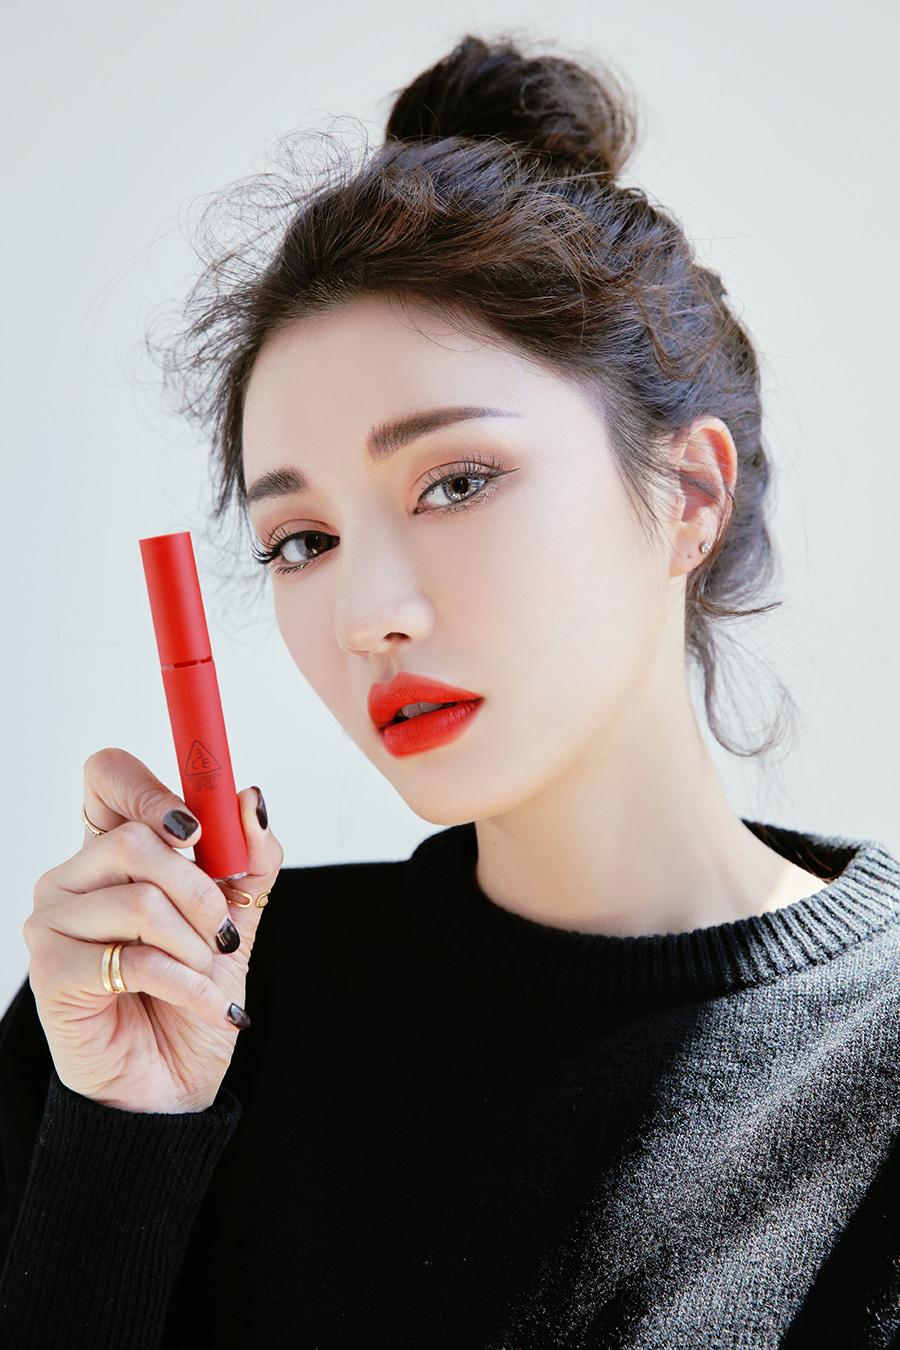 3CE vừa ra son kem lì 10 màu đẹp mê ly giá chỉ 300.000 VNĐ, con gái Việt ngay lập tức bật báo động cấp 1 - Ảnh 24.